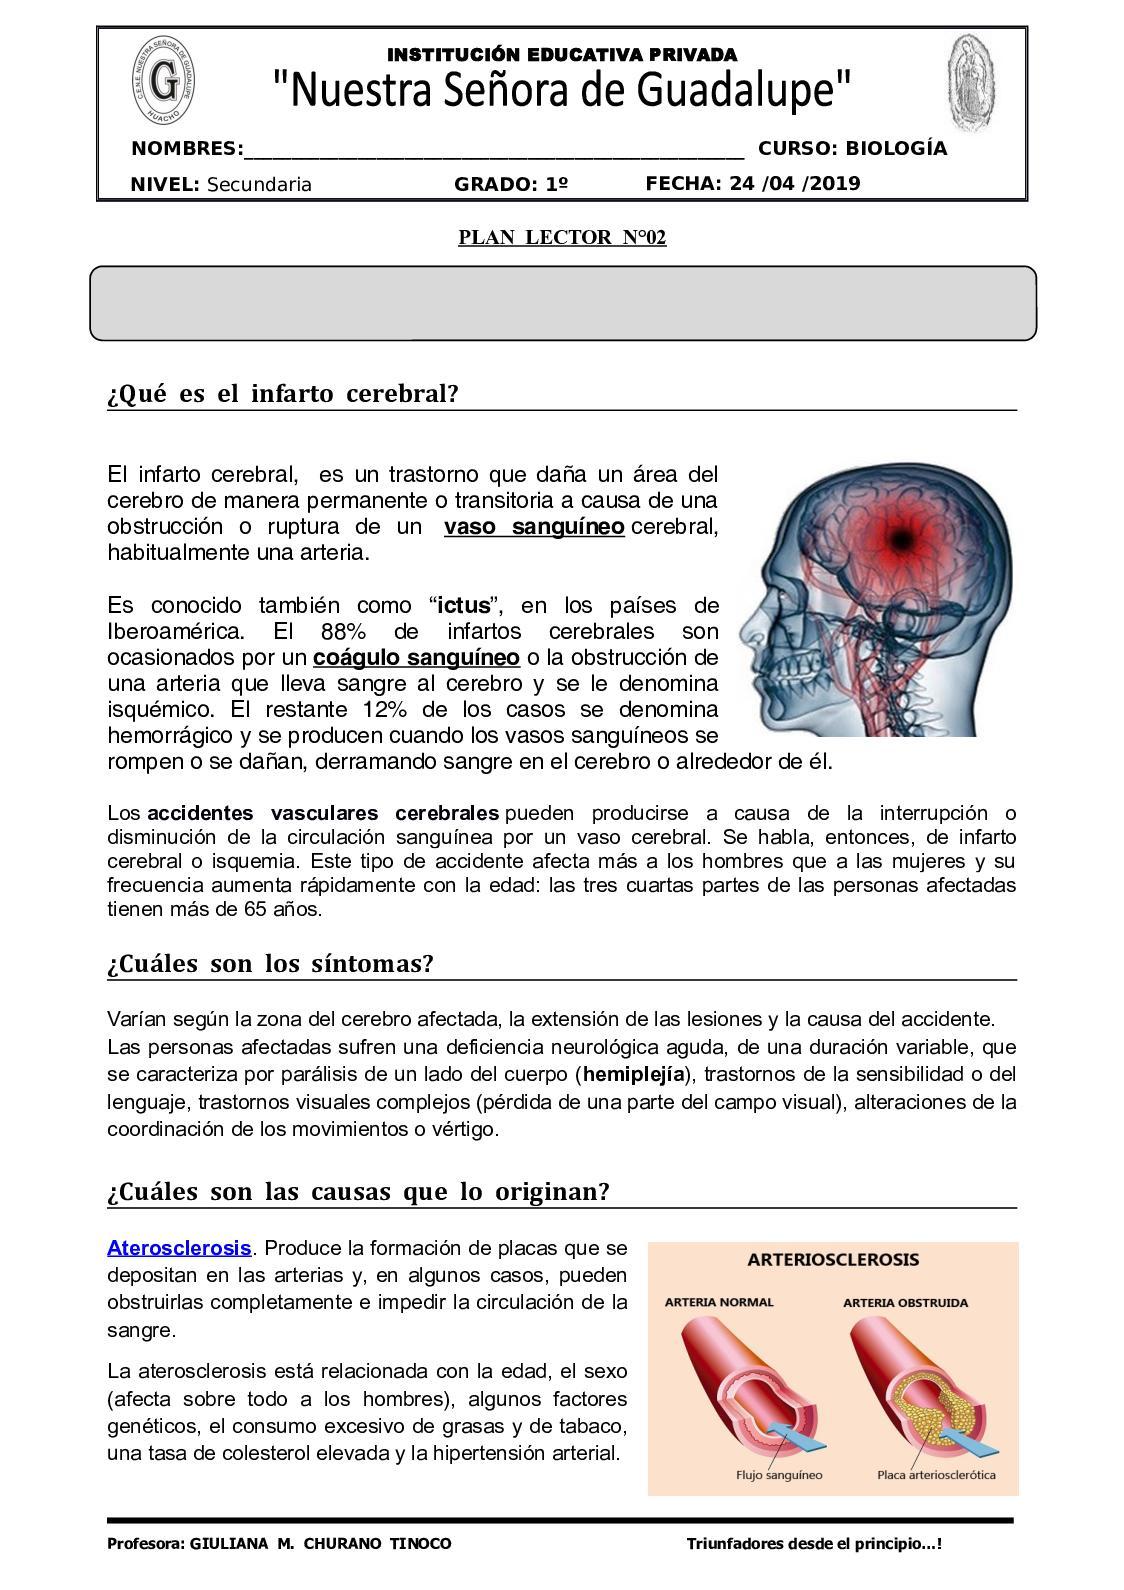 ¿Cómo afecta la hipertensión a los vasos cerebrales?